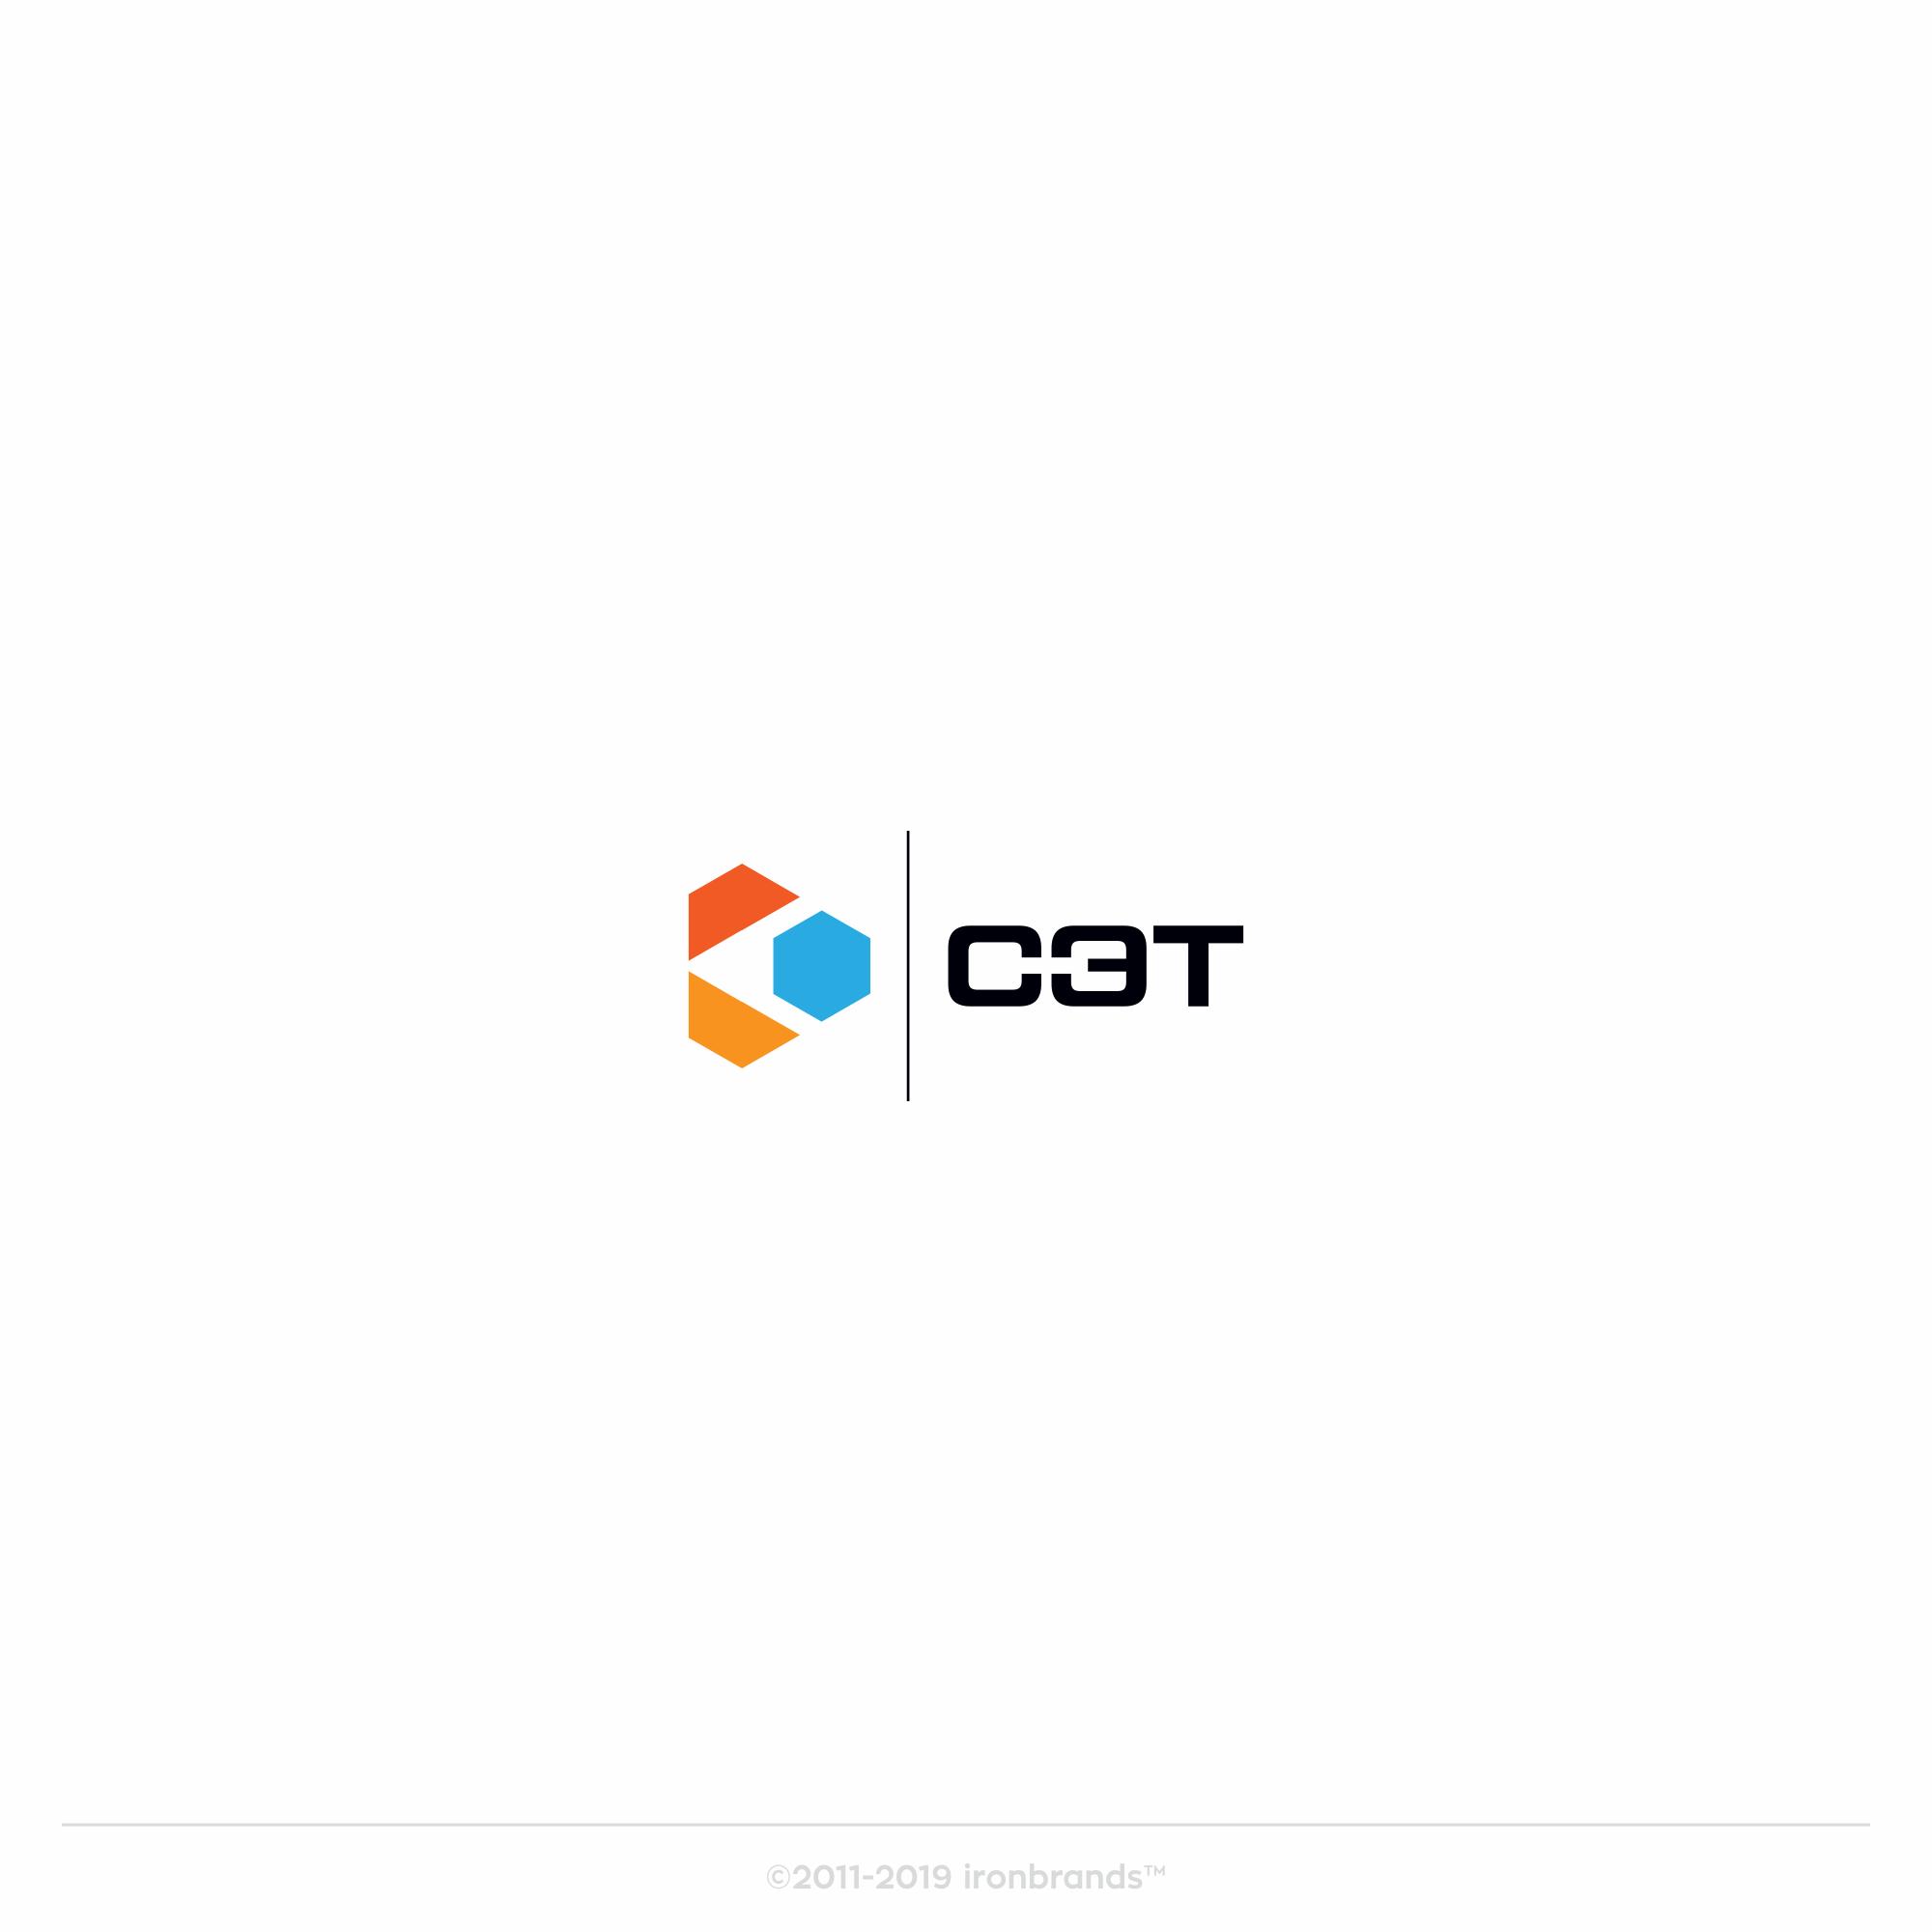 Срочно! Дизайн логотипа ООО «СЭТ» фото f_8005d530a12e3e4c.jpg